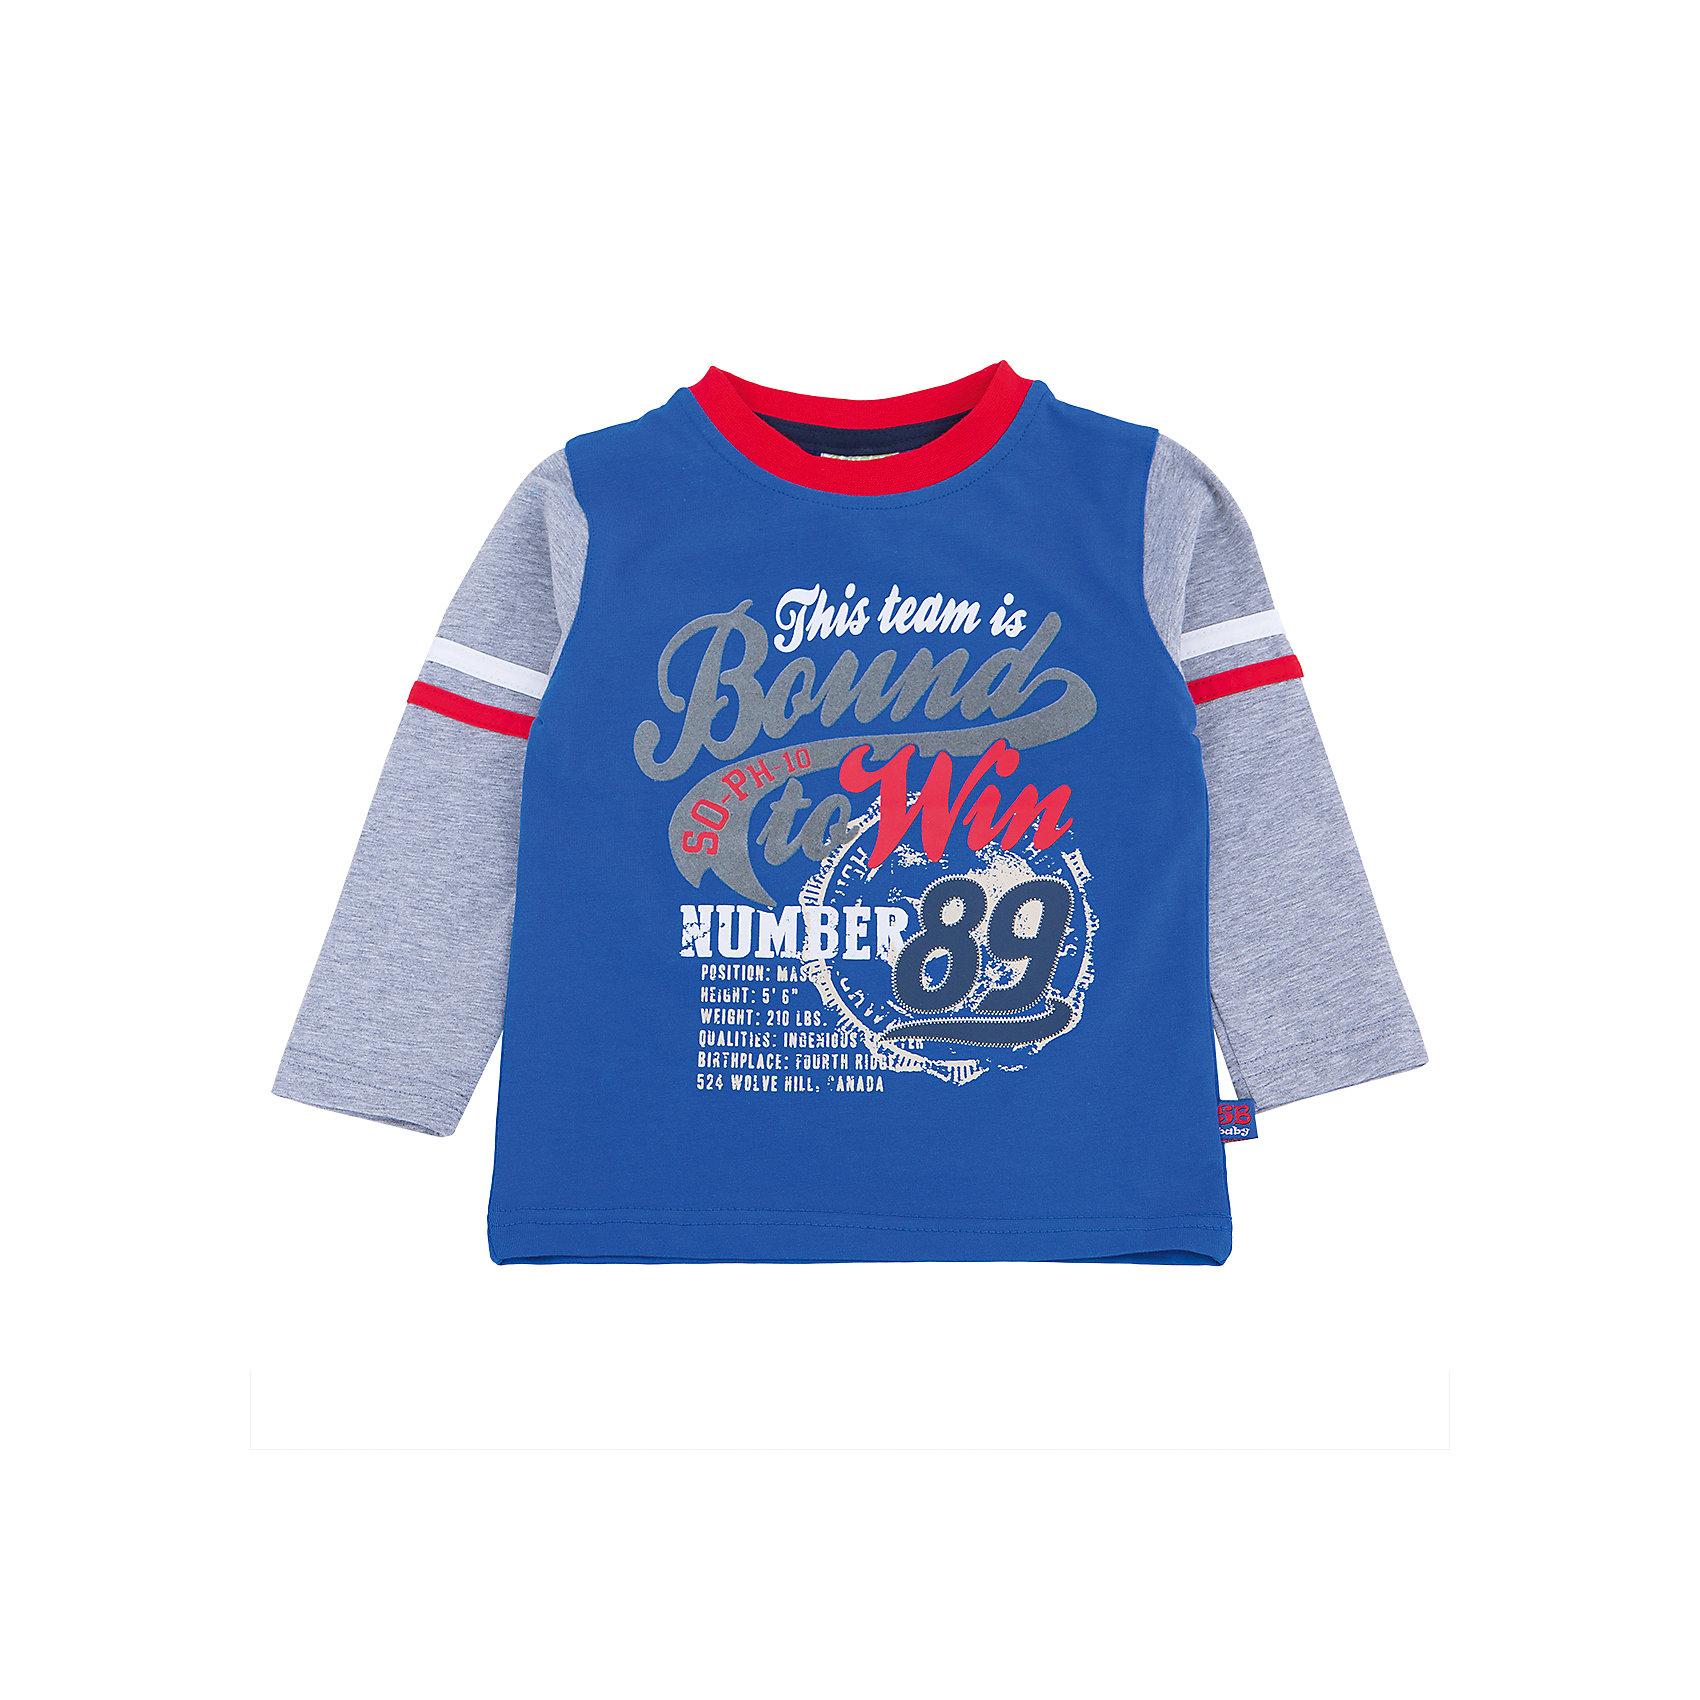 Футболка с длинным рукавом для мальчика Sweet BerryТакая футболка с длинным рукавом для мальчика отличается модным дизайном с ярким принтом. Удачный крой обеспечит ребенку комфорт и тепло. Горловина изделия обработана мягкой резинкой, поэтому вещь плотно прилегает к телу там, где нужно, и отлично сидит по фигуре.<br>Одежда от бренда Sweet Berry - это простой и выгодный способ одеть ребенка удобно и стильно. Всё изделия тщательно проработаны: швы - прочные, материал - качественный, фурнитура - подобранная специально для детей. <br><br>Дополнительная информация:<br><br>цвет: синий;<br>материал: 95% хлопок, 5% эластан;<br>декорирована принтом.<br><br>Футболку с длинным рукавом для мальчика от бренда Sweet Berry можно купить в нашем интернет-магазине.<br><br>Ширина мм: 230<br>Глубина мм: 40<br>Высота мм: 220<br>Вес г: 250<br>Цвет: синий<br>Возраст от месяцев: 12<br>Возраст до месяцев: 15<br>Пол: Мужской<br>Возраст: Детский<br>Размер: 80,98,86,92<br>SKU: 4929952